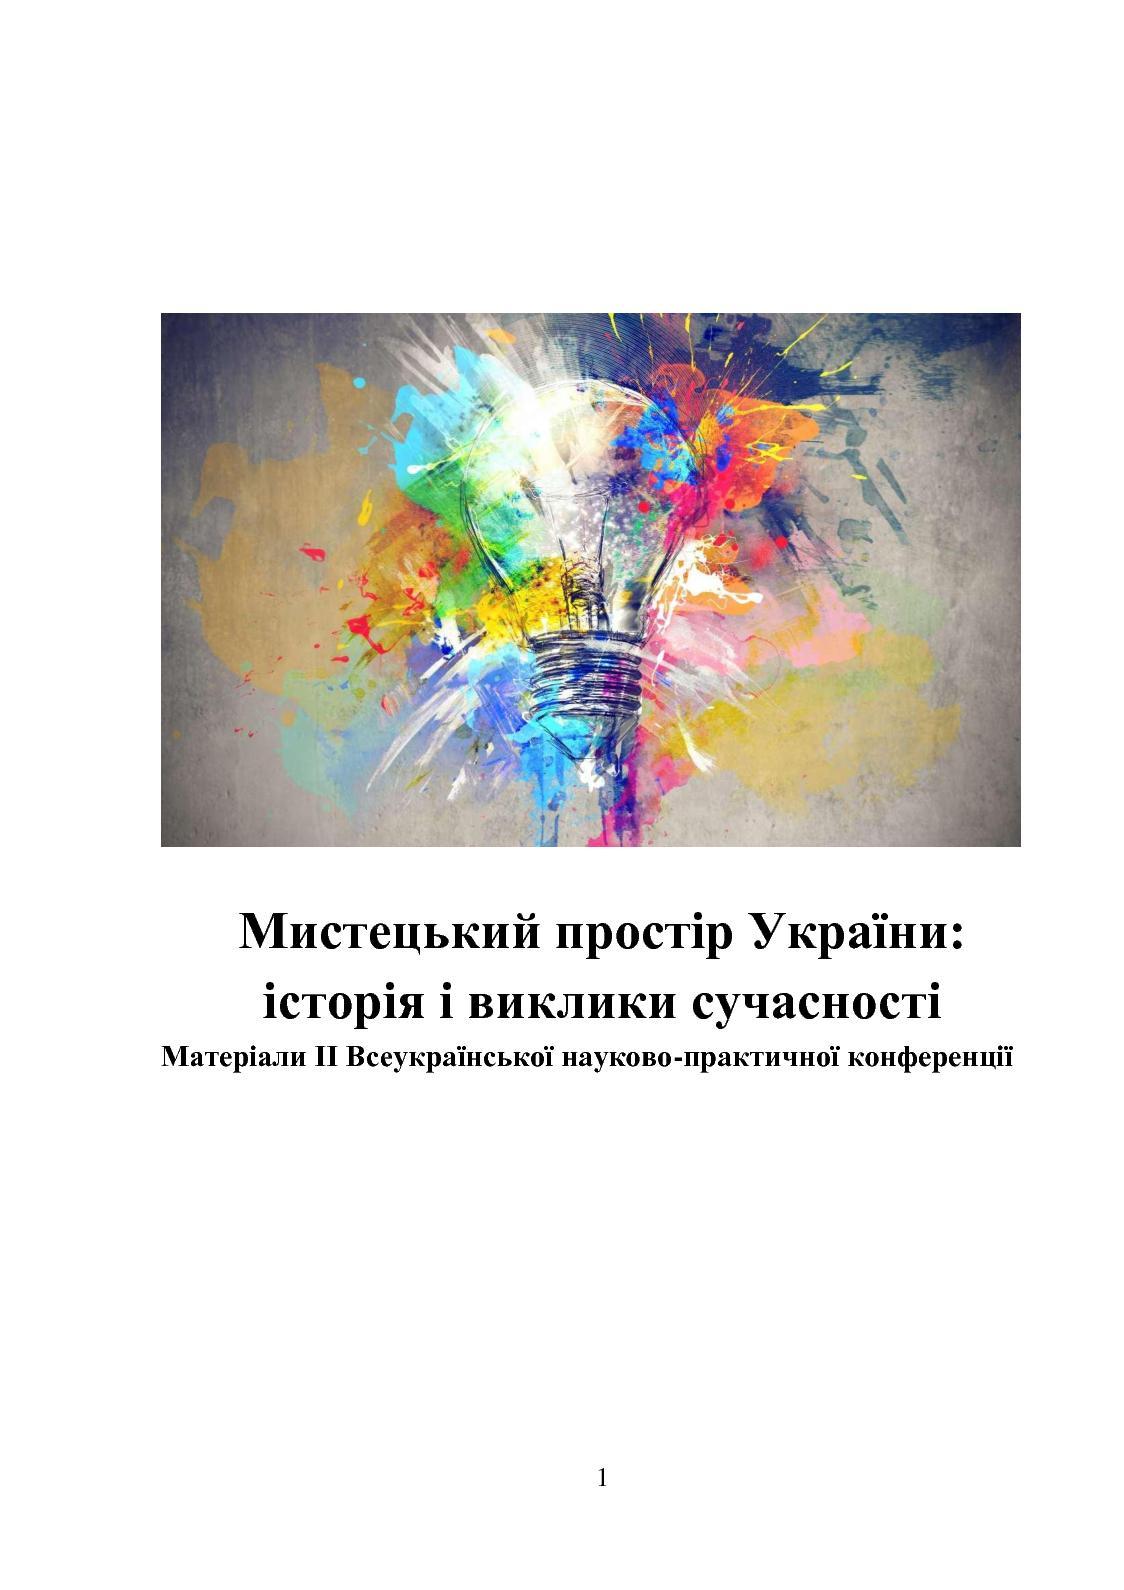 Calaméo - Мистецький простір України  історія і виклики сучасності 57db6b3d4720e